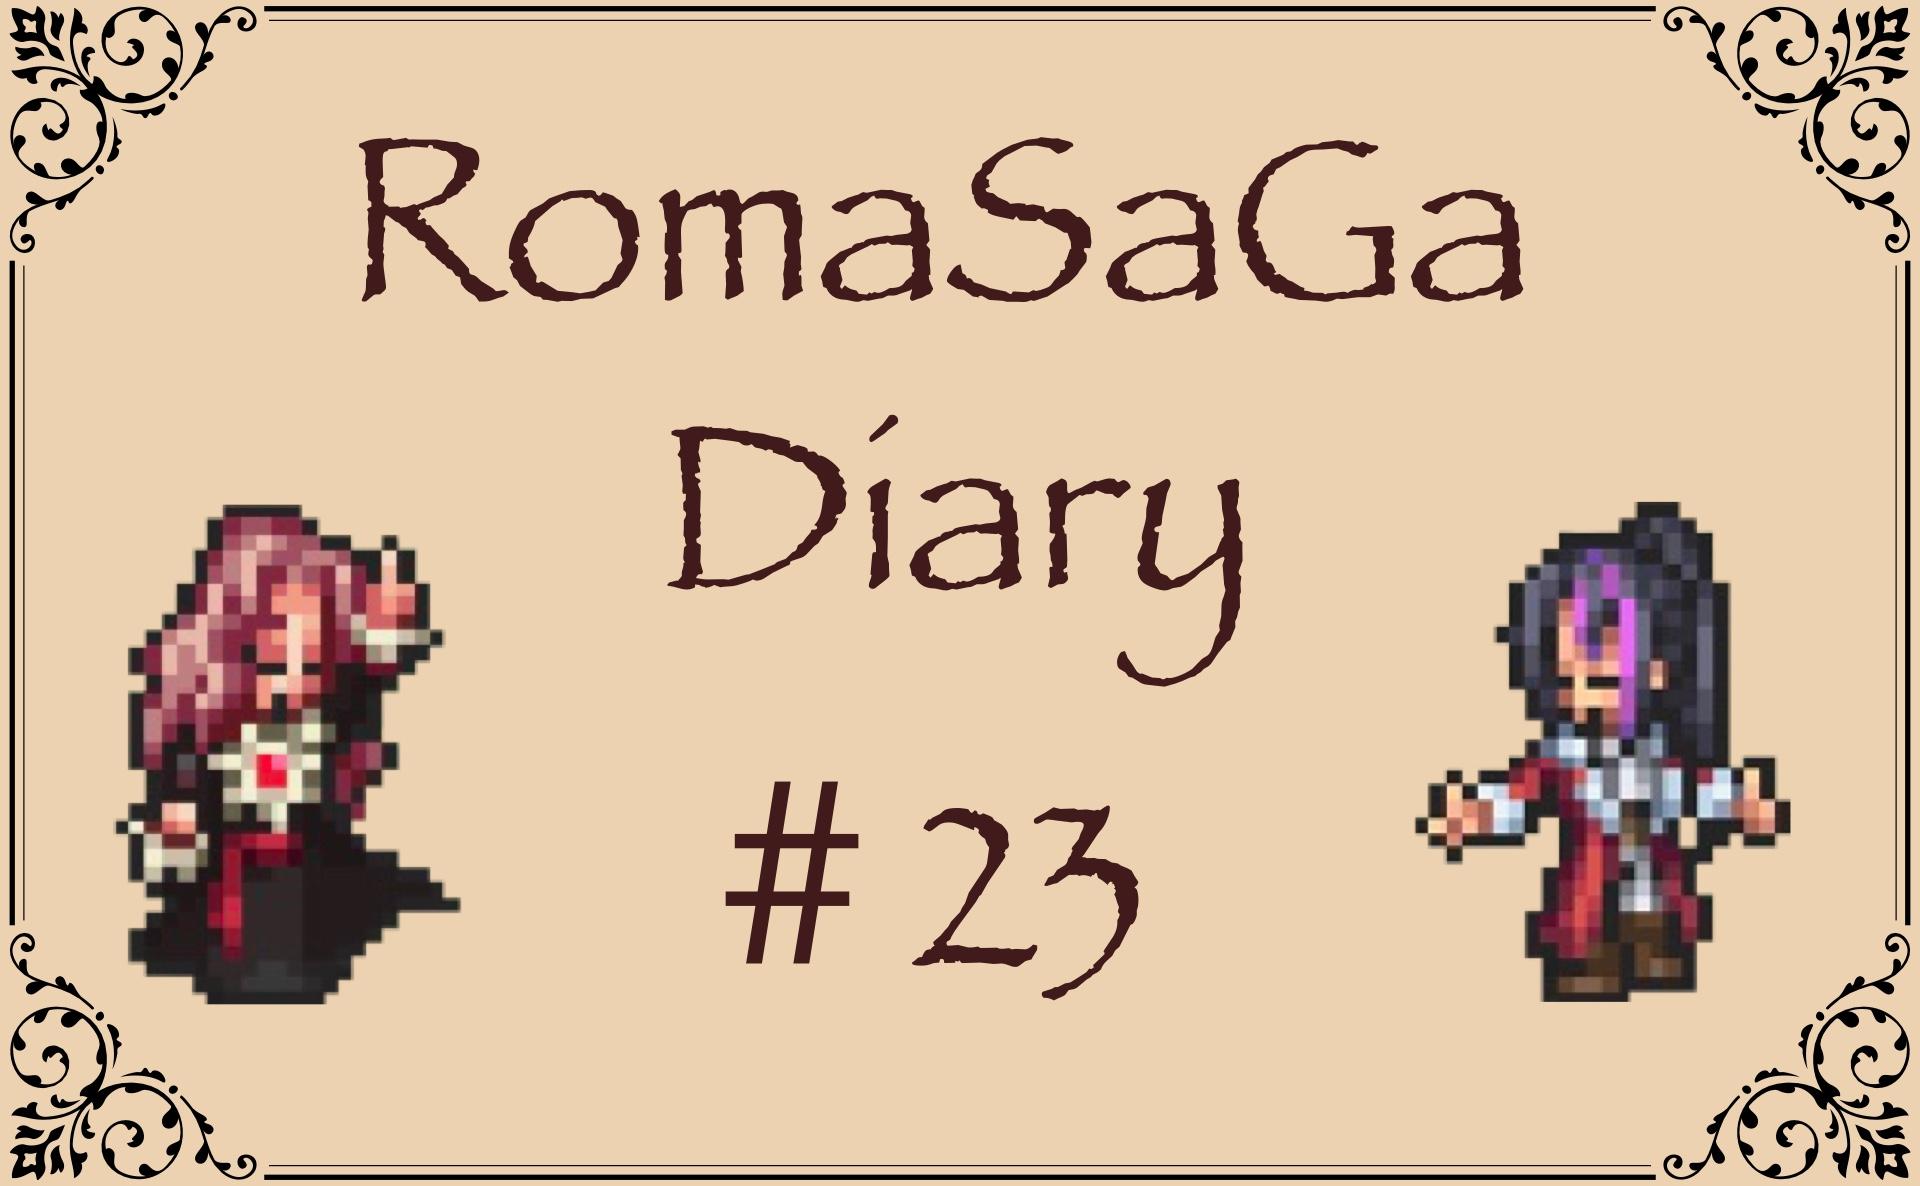 ロマサガDiary#23